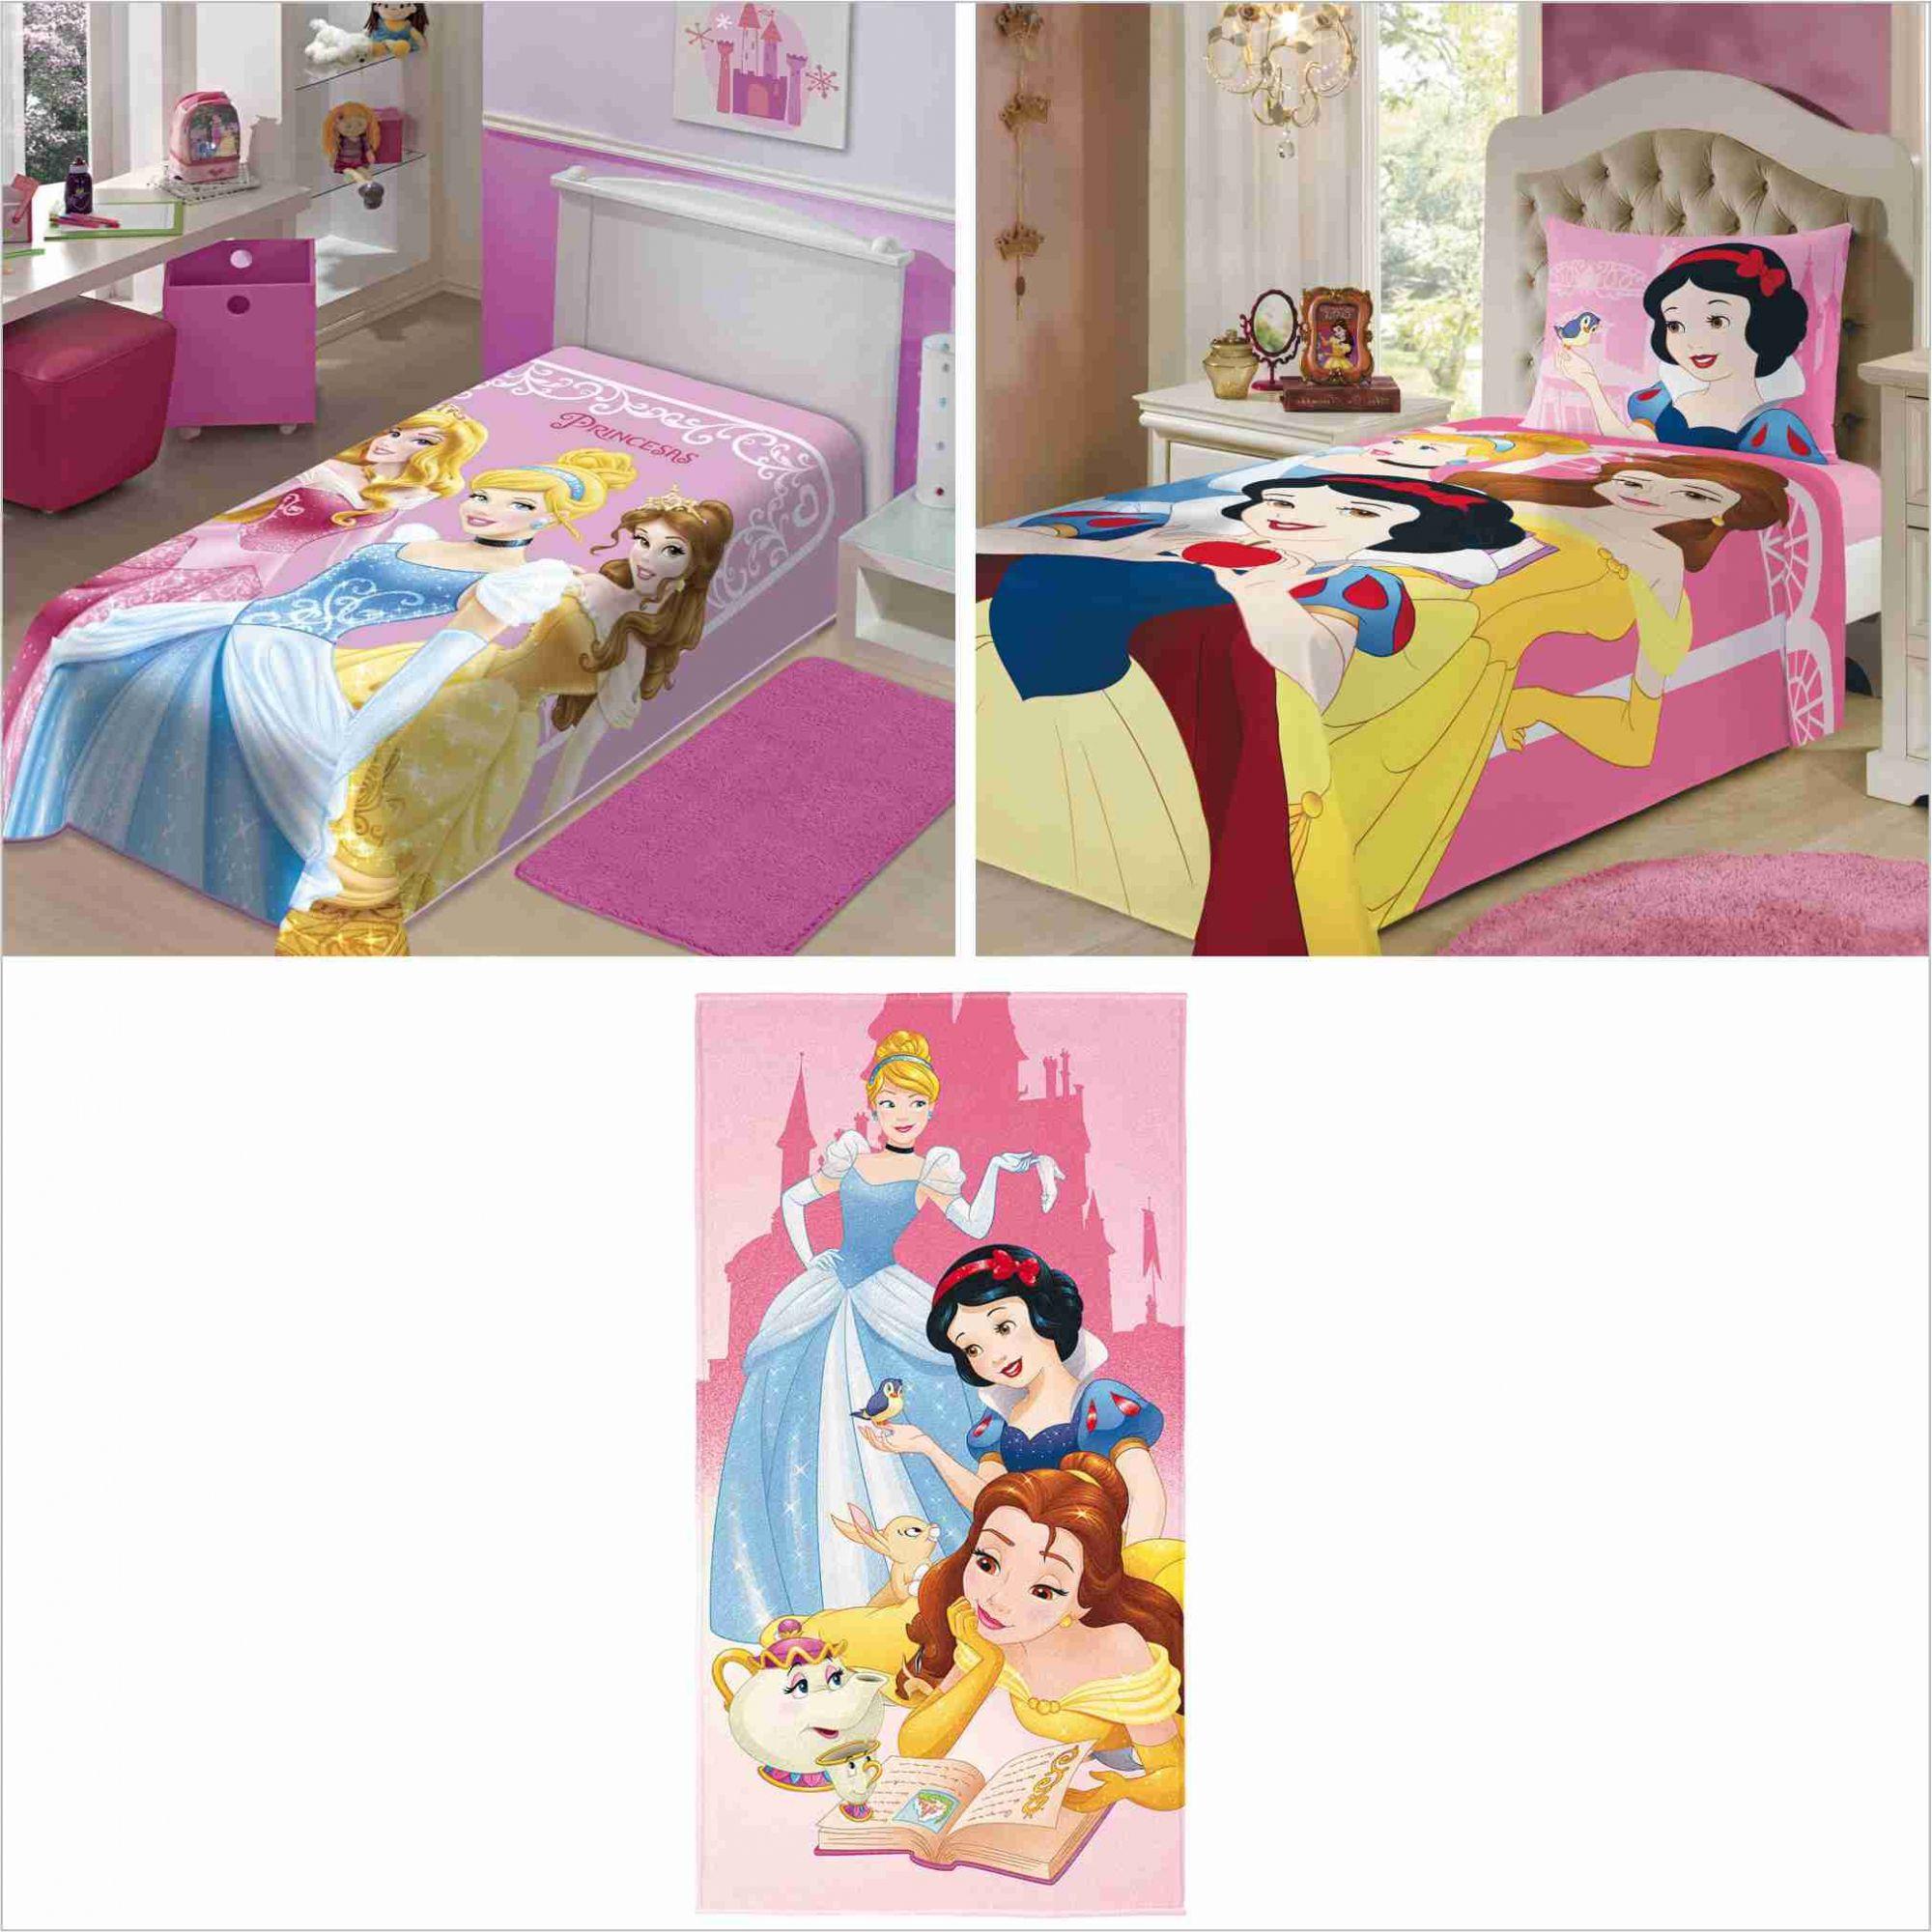 ffa5791c15 Cobertor+ Jogo Cama Lençol 3pçs+ Toalha Princesas Disney - PEQUENININHOS.COM